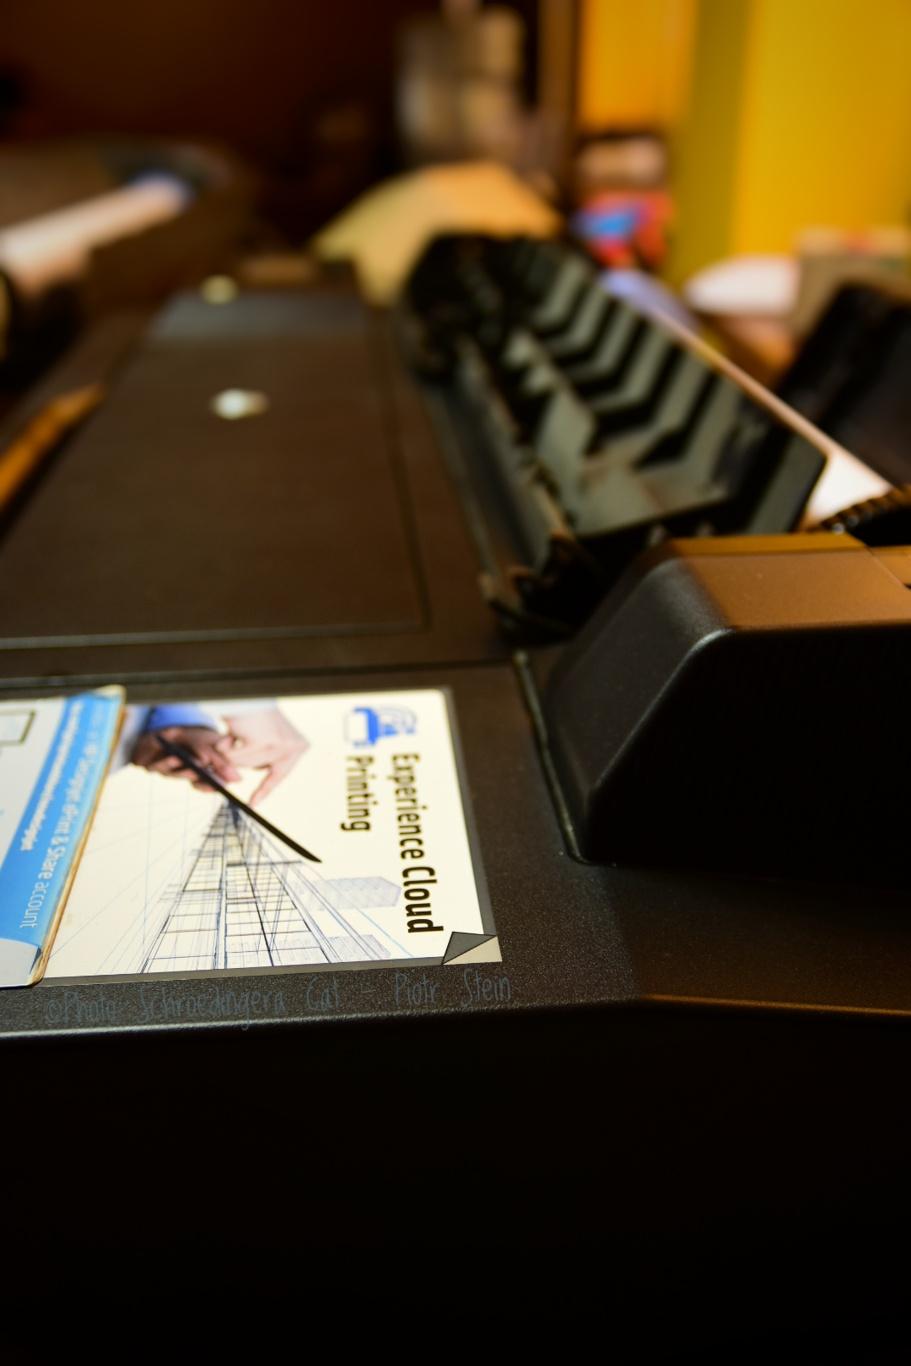 Serwis ploterów to stabilność biura. naprawa ploterów